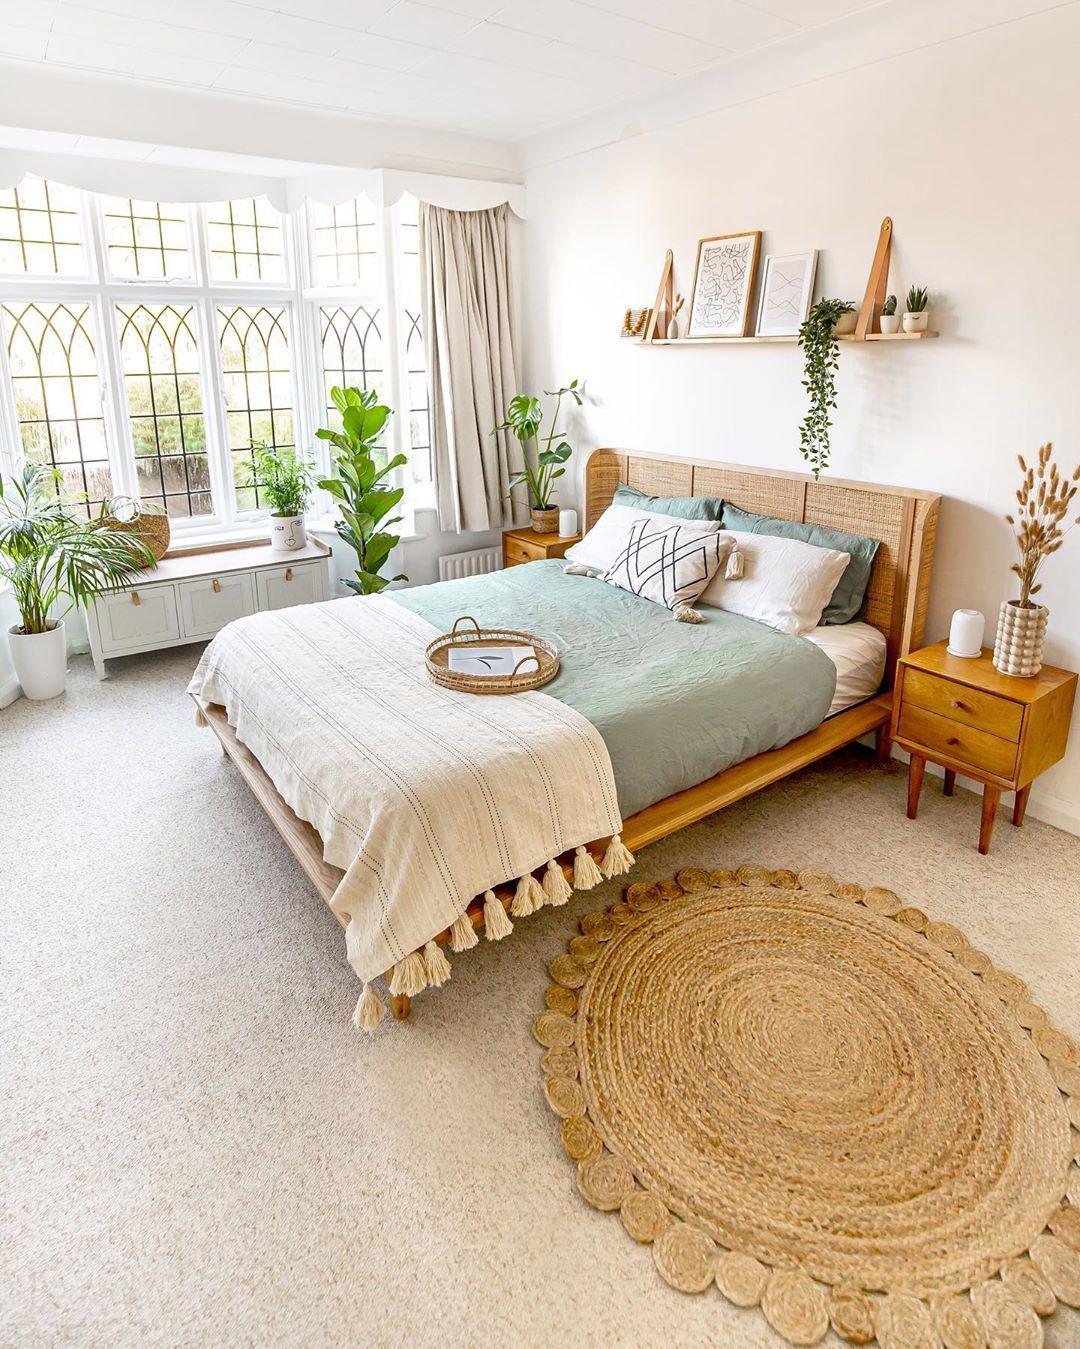 Étagère au dessus du lit + ambiance + jonc au sol